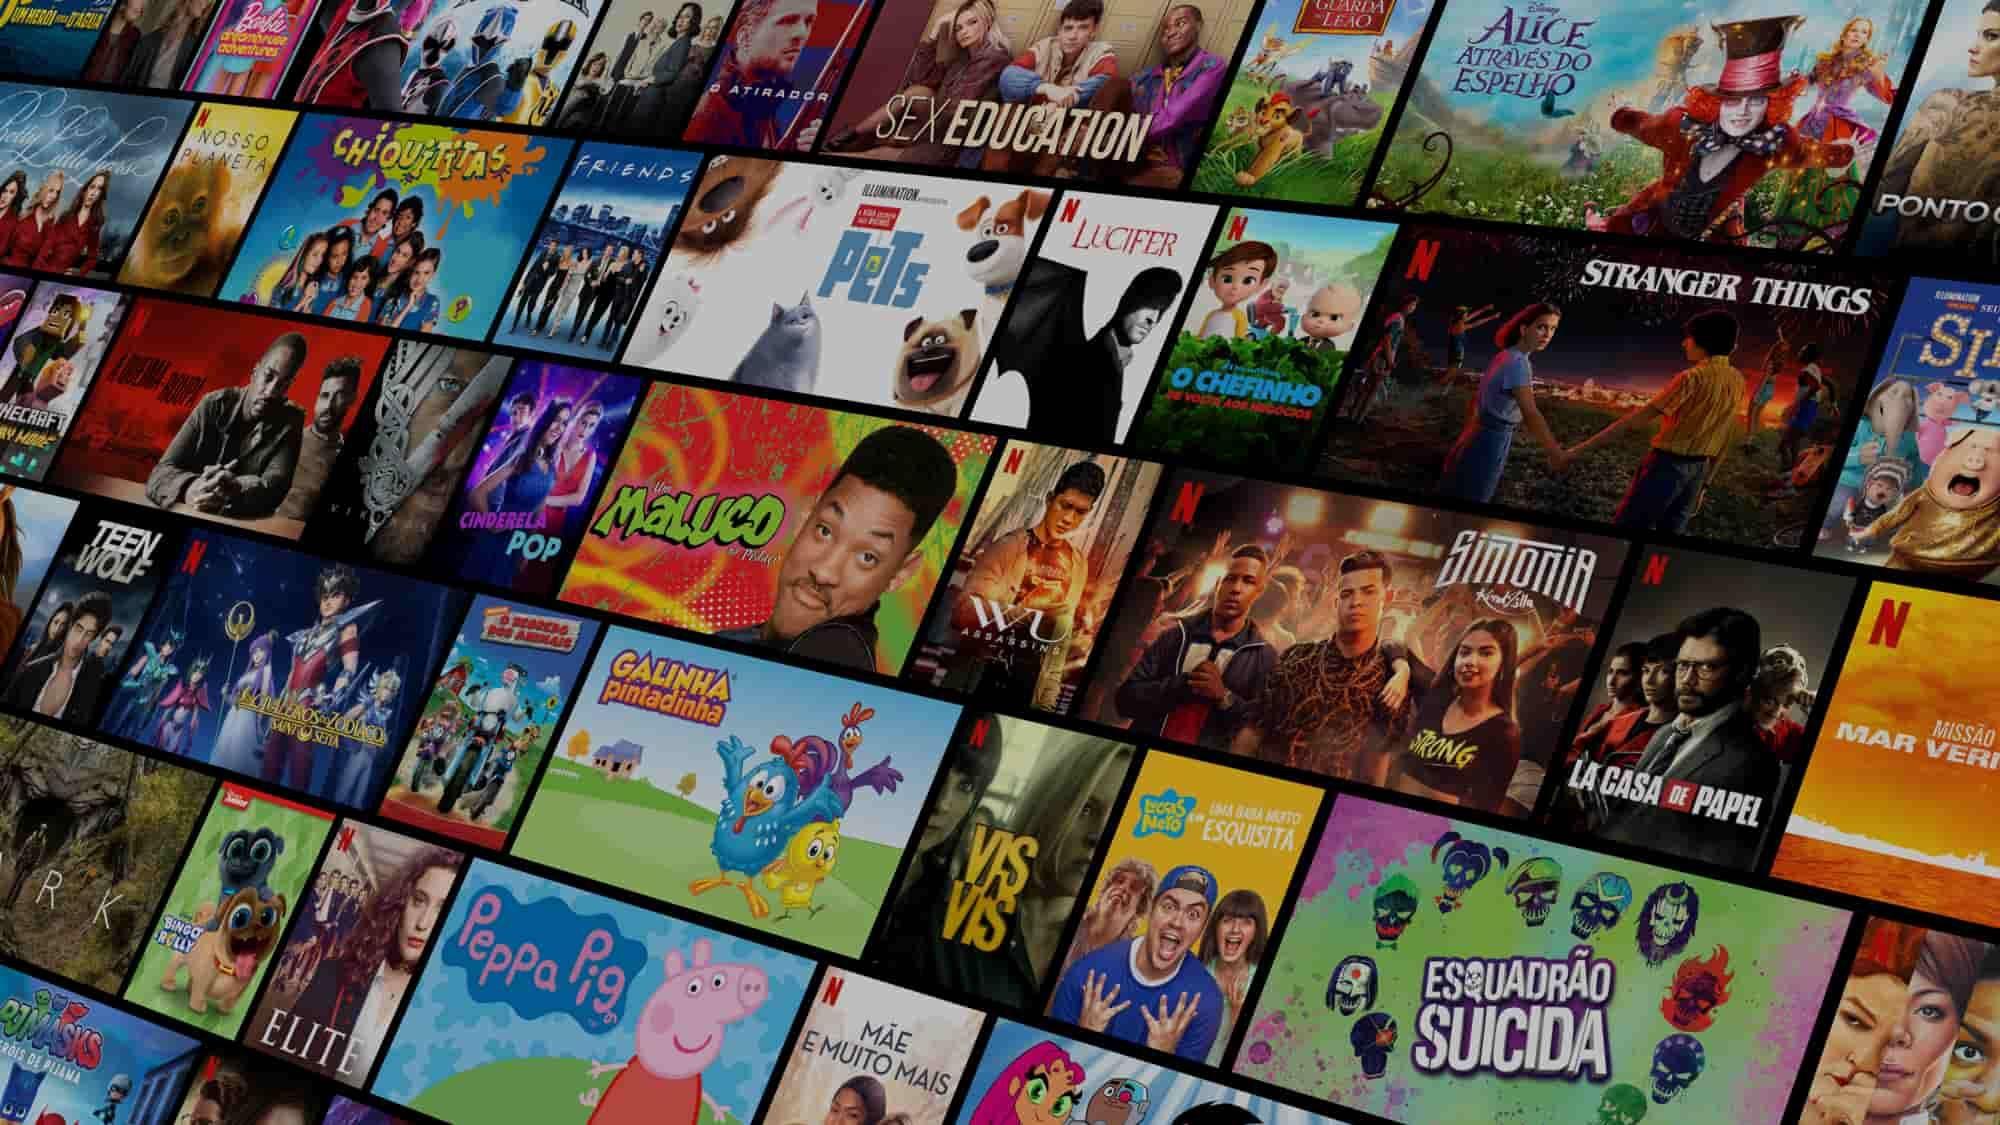 Netflix Brasil Assistir A Series Online Assistir A Filmes